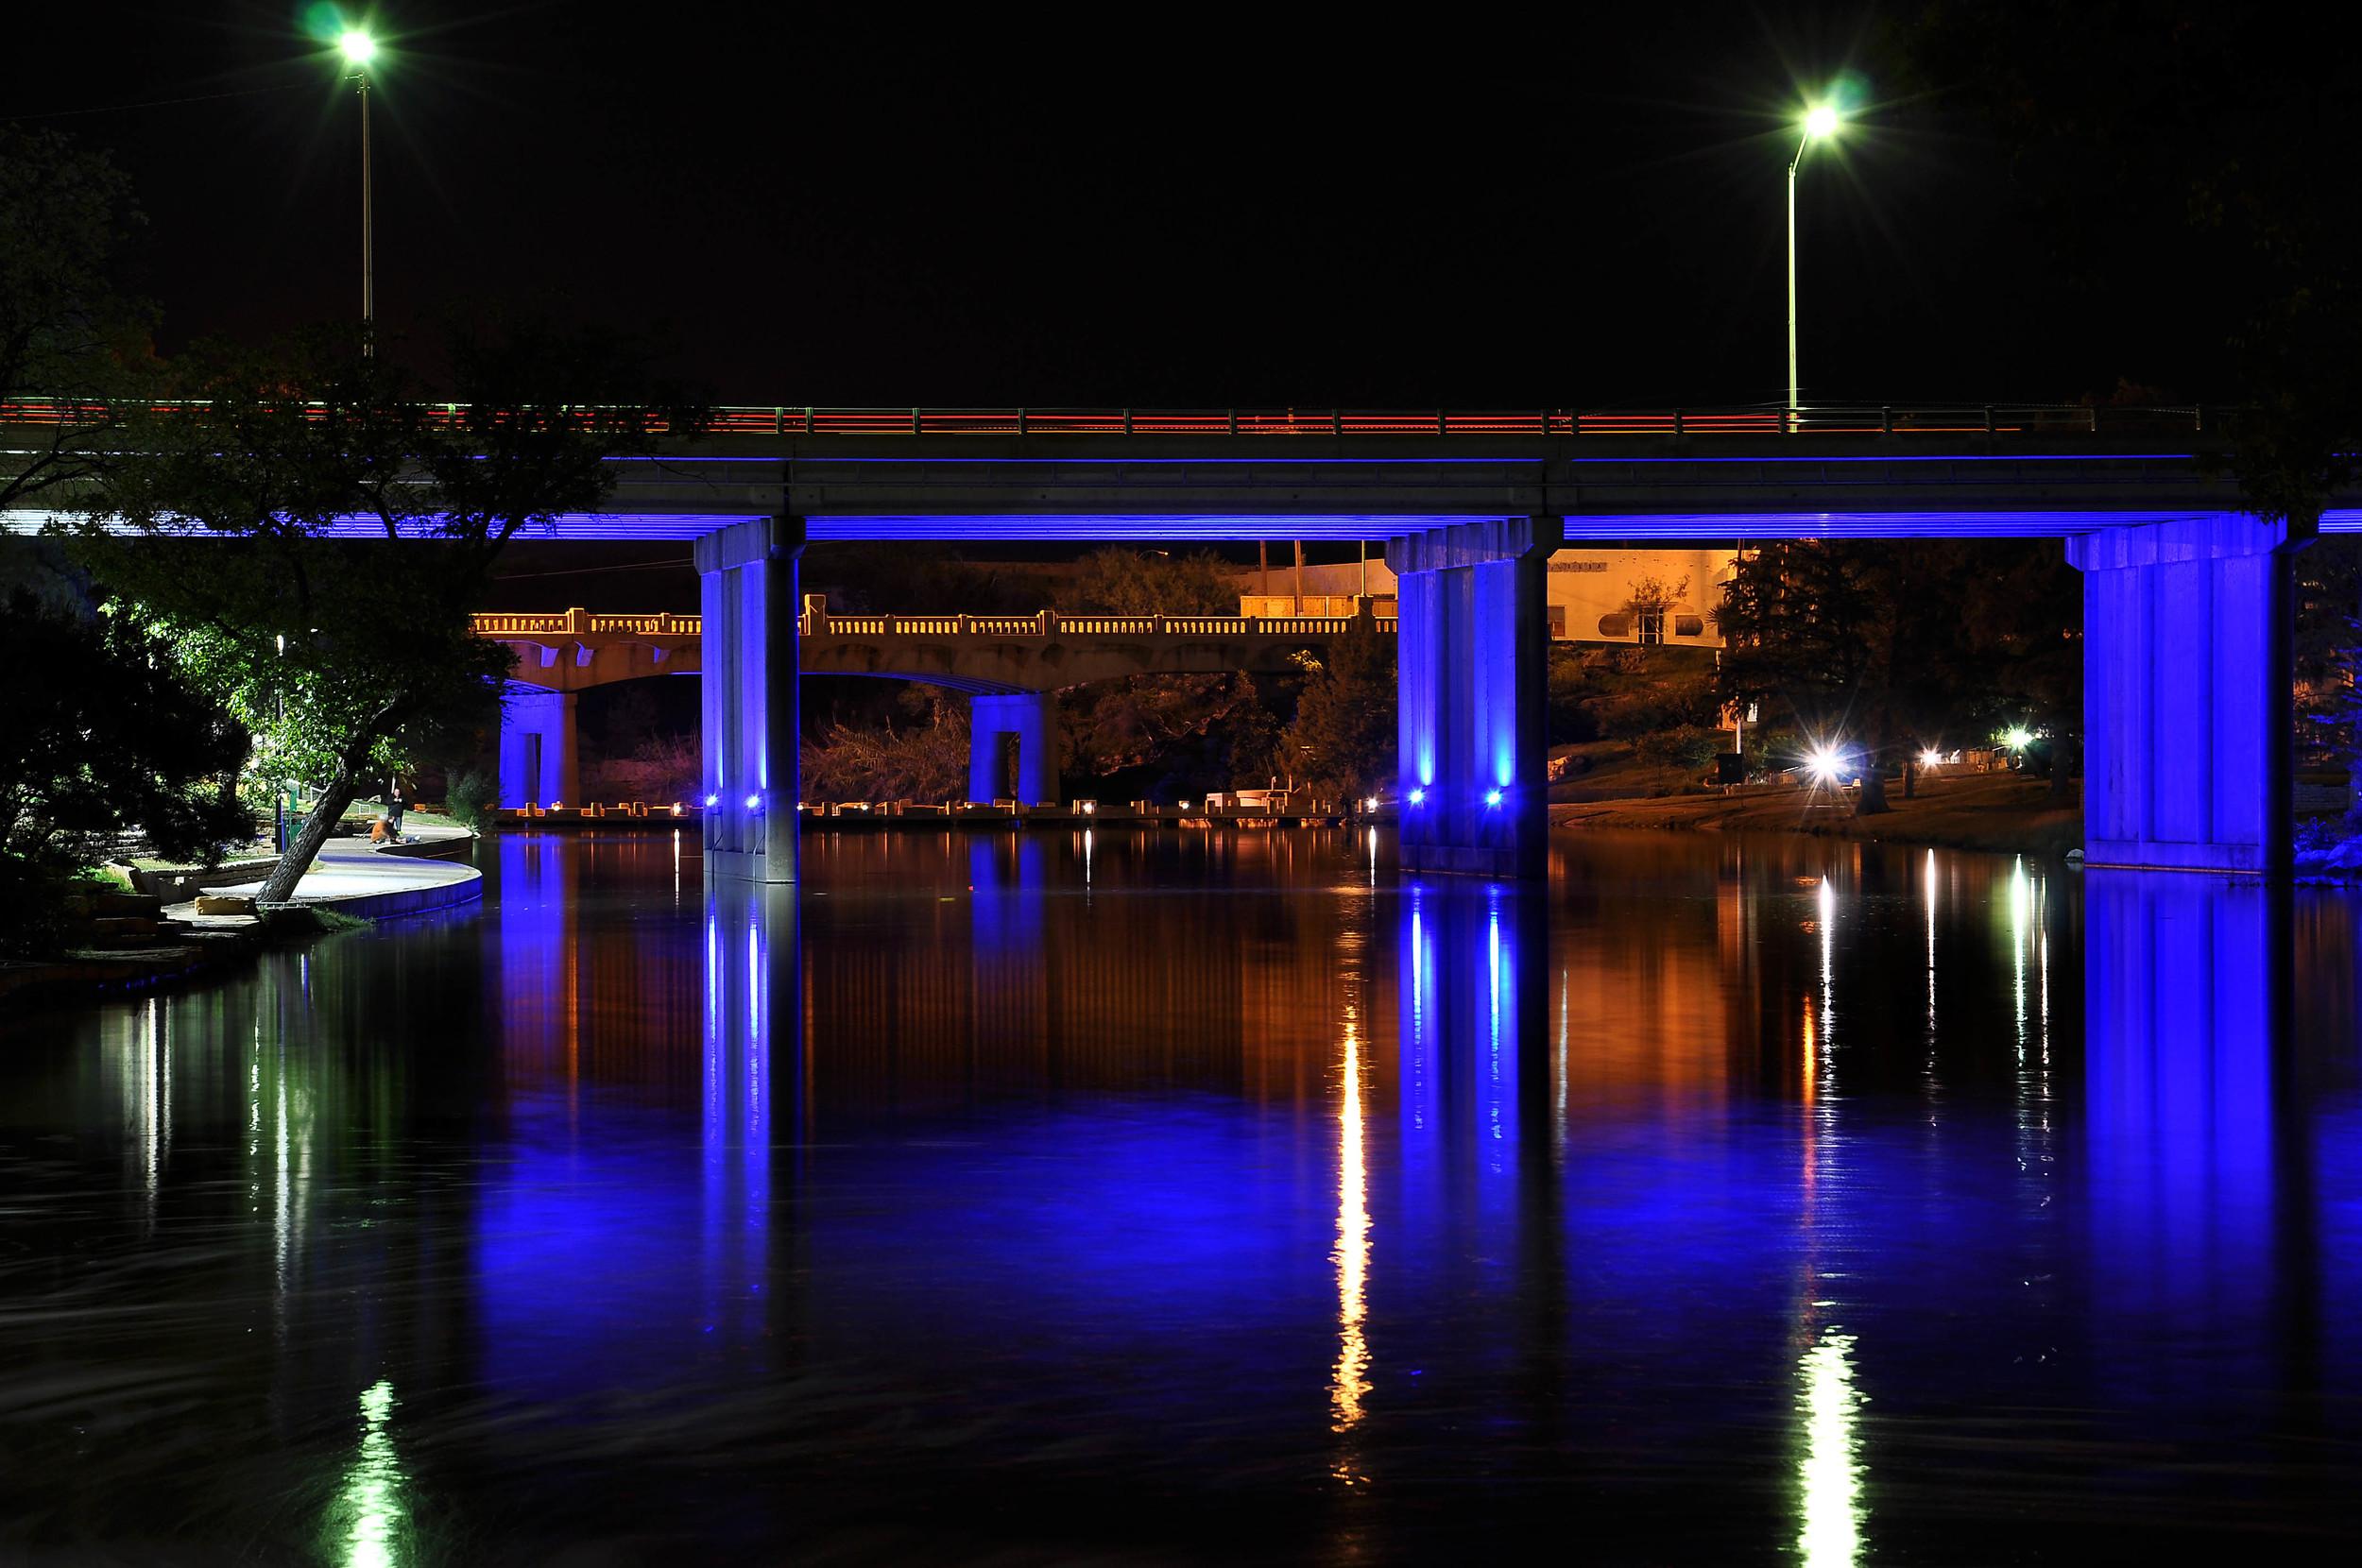 LED BRIDGE UPLIGHTING AT NIGHT